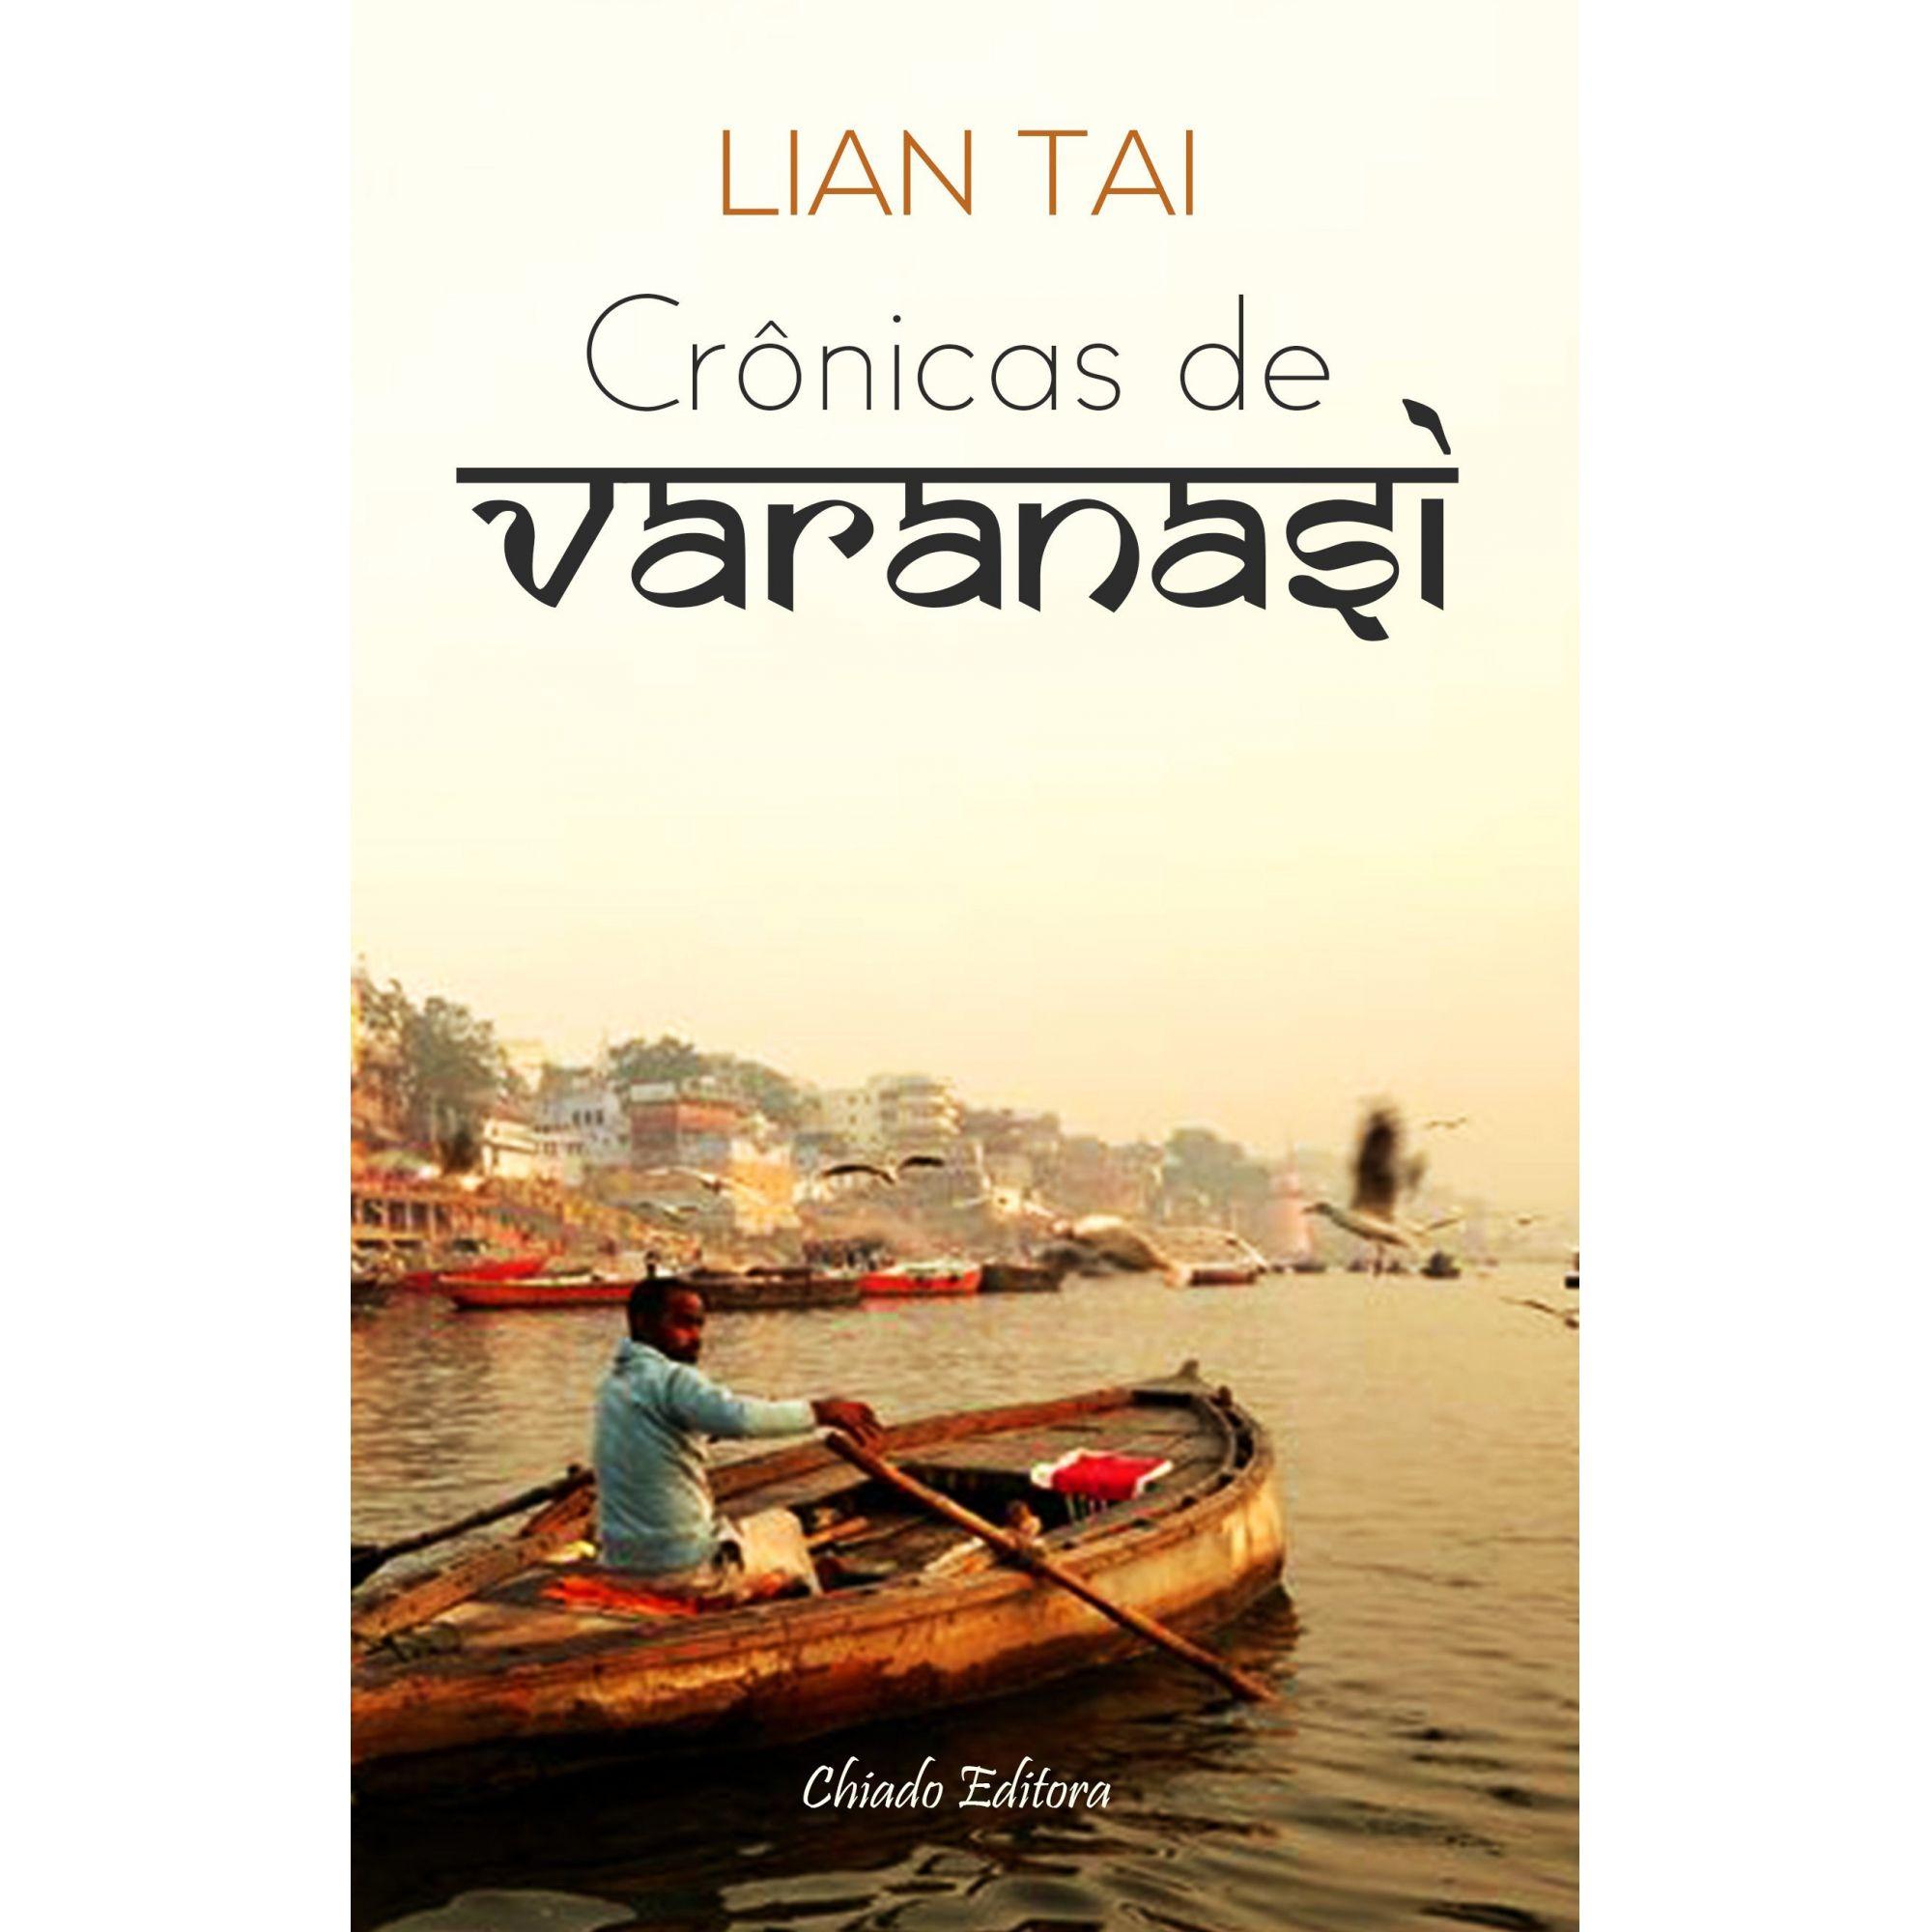 Crônicas de Varanasi